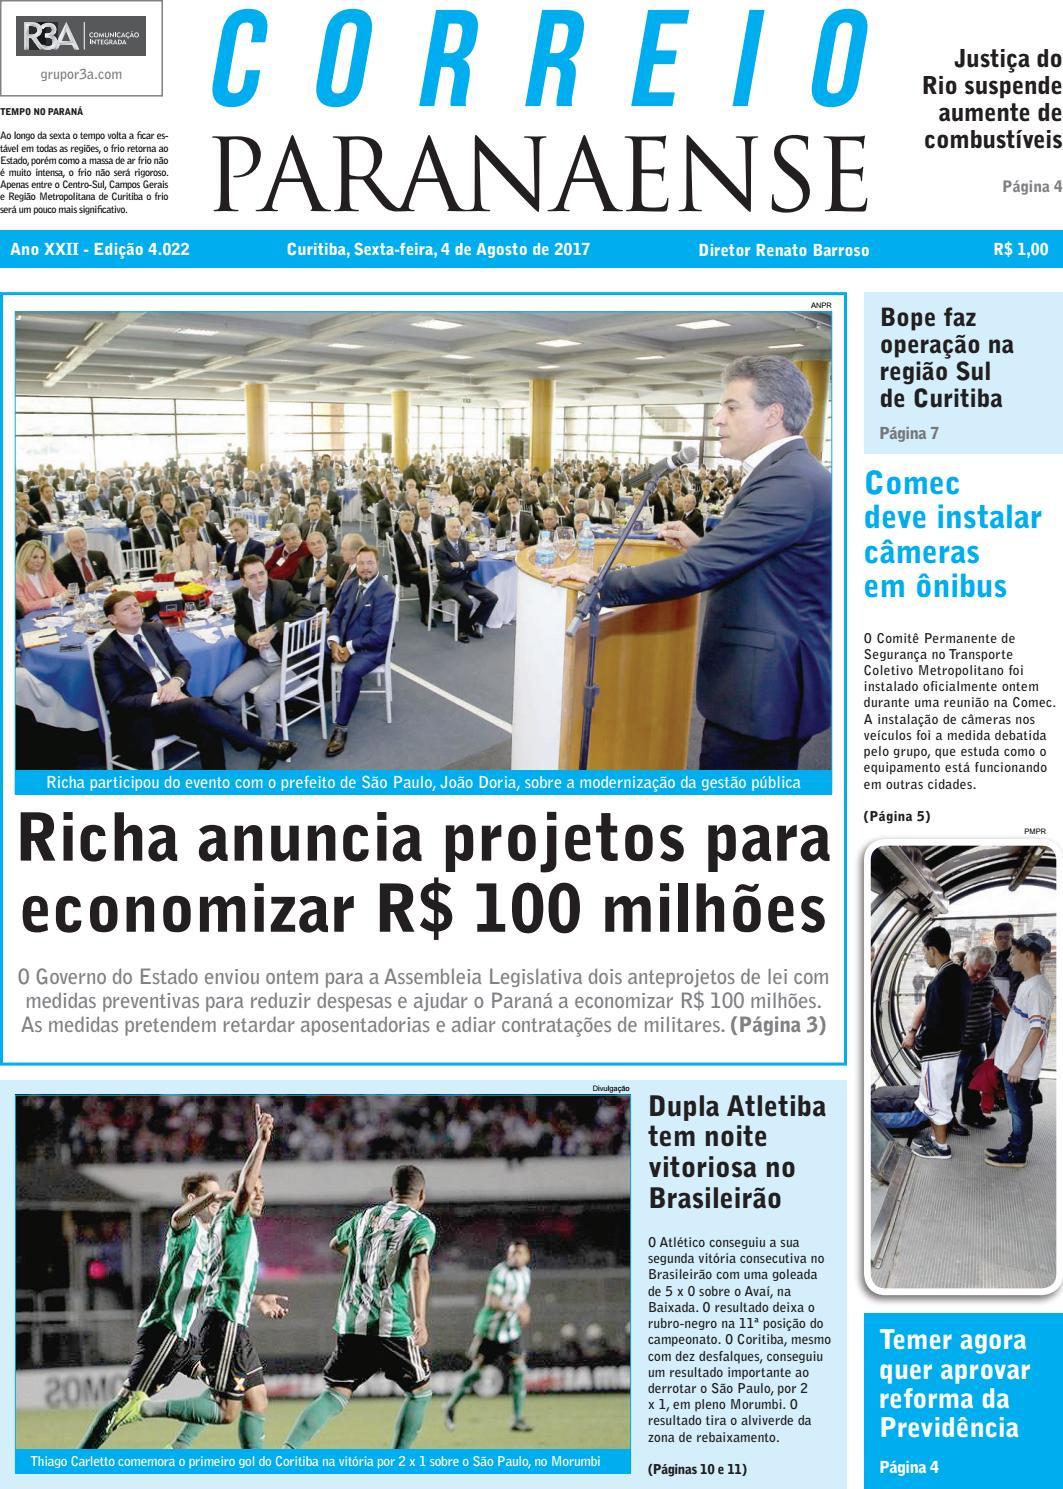 adc9328594cba Correio Paranaense - Edição 04 08 2017 by Editora Correio Paranaense - issuu